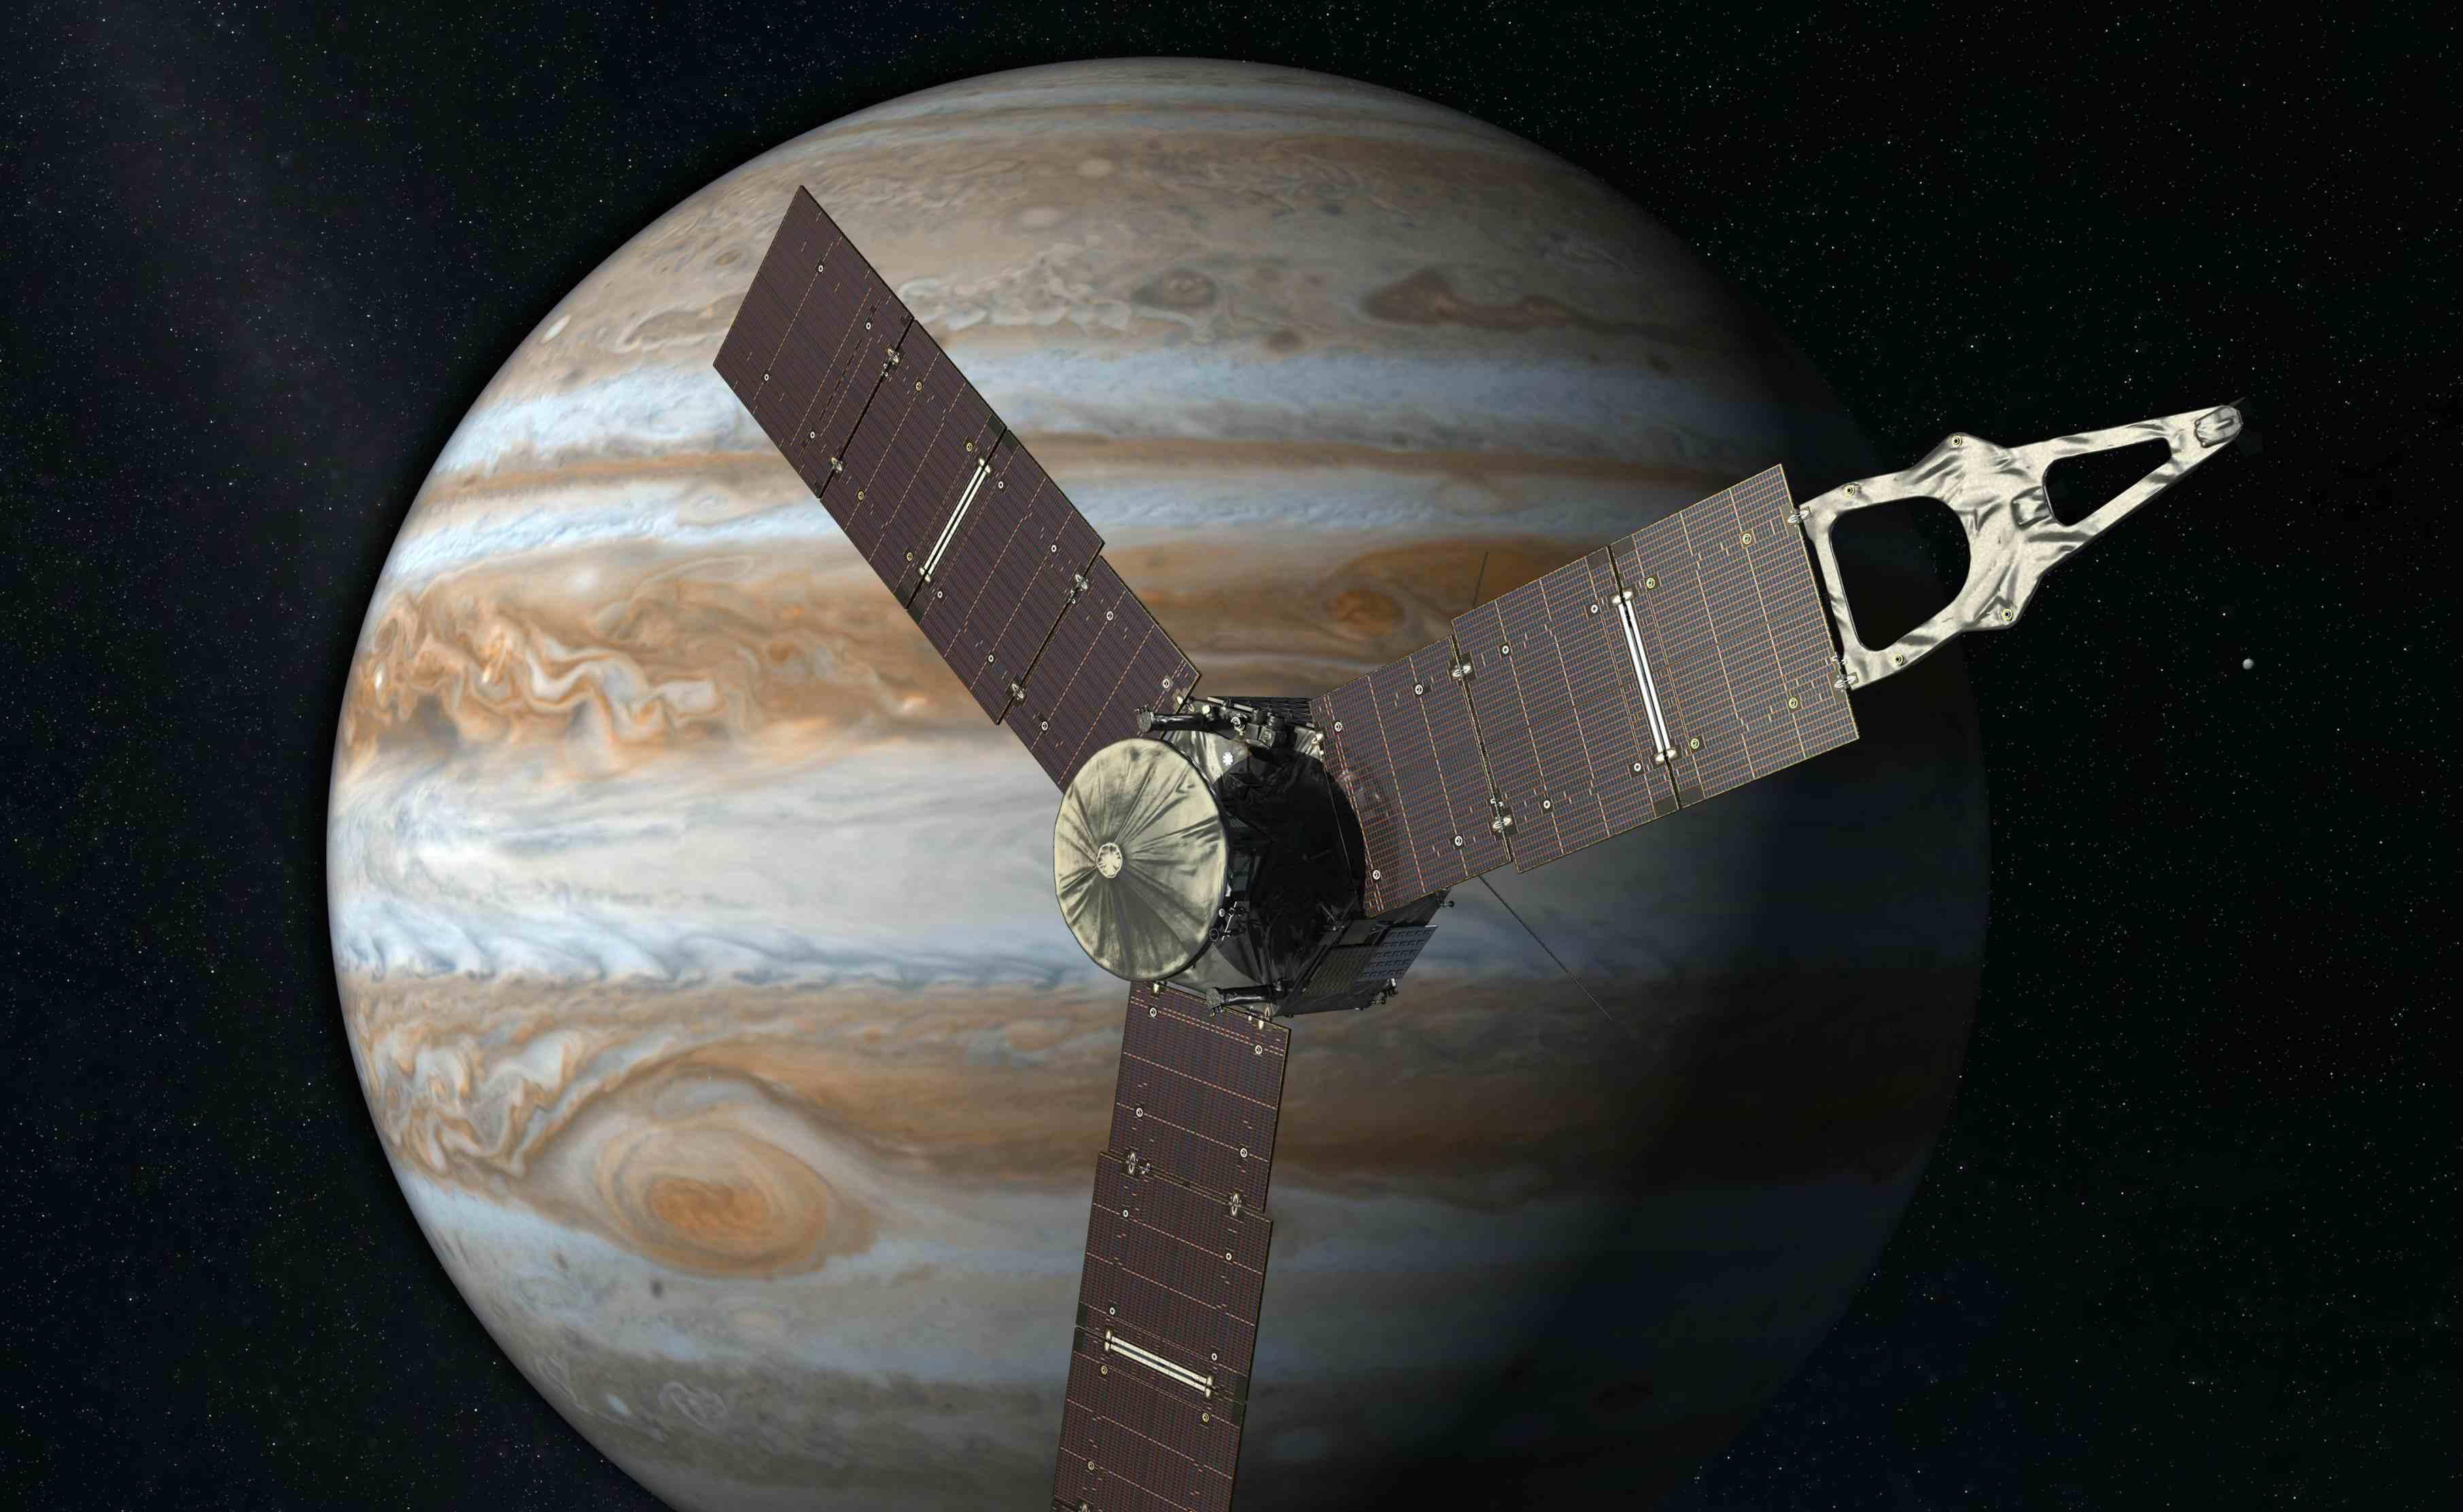 La sonda espacial de la NASA recolecta datos del planeta gigante para averiguar más sobre cómo se formó el Sistema Solar